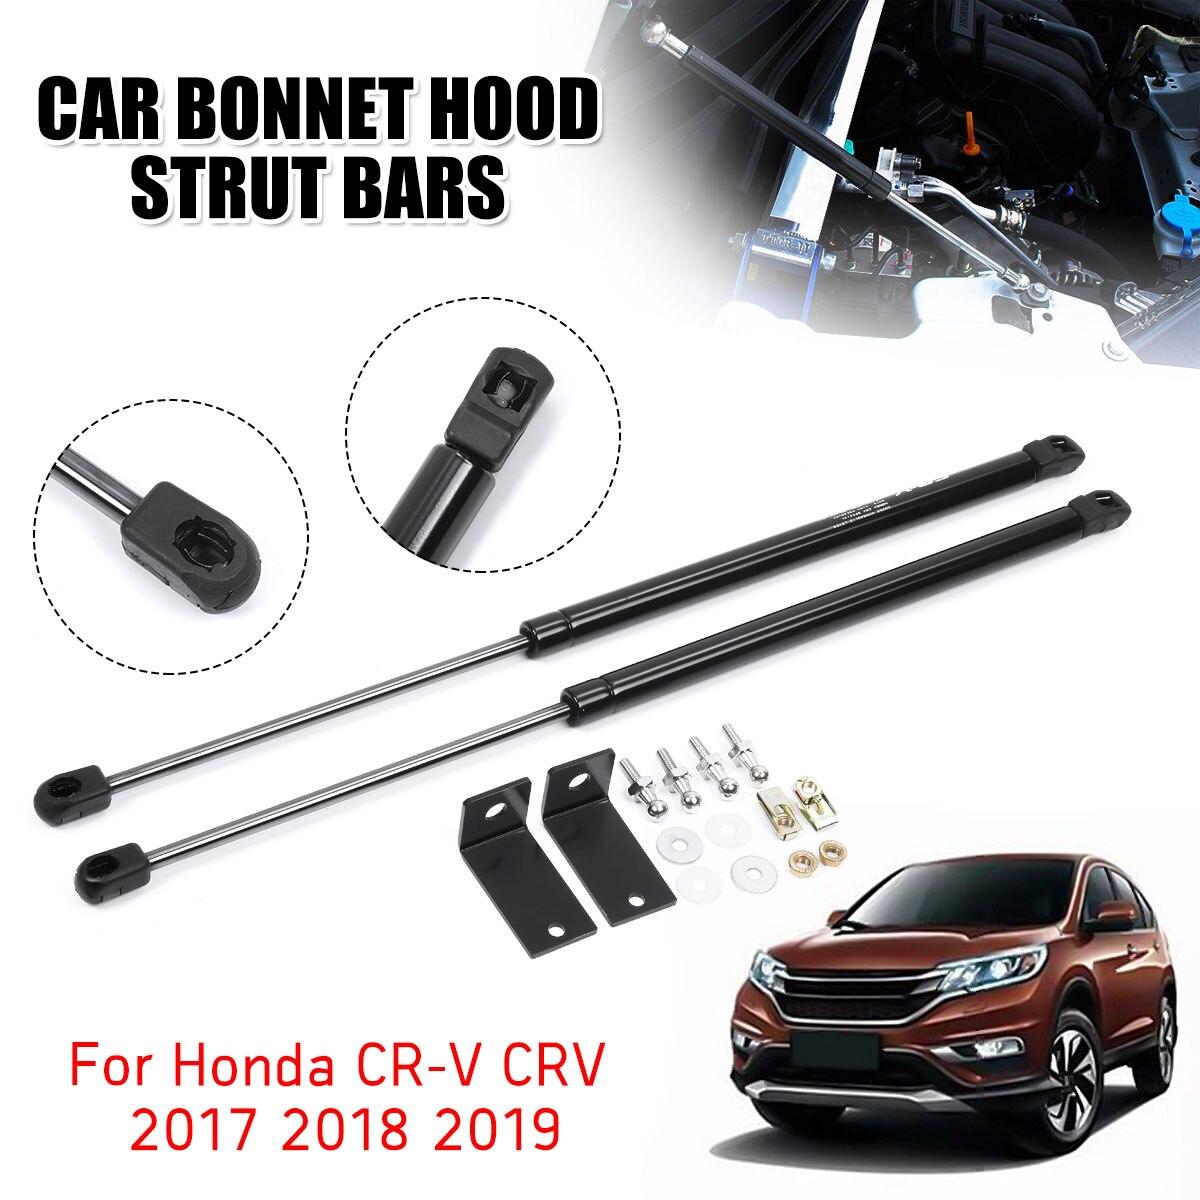 2 uds tapa delantera del motor capó choque resorte de elevación puntales Barra soporte varilla brazo Gas resorte para Honda para CR-V CRV 2017 2018 2019